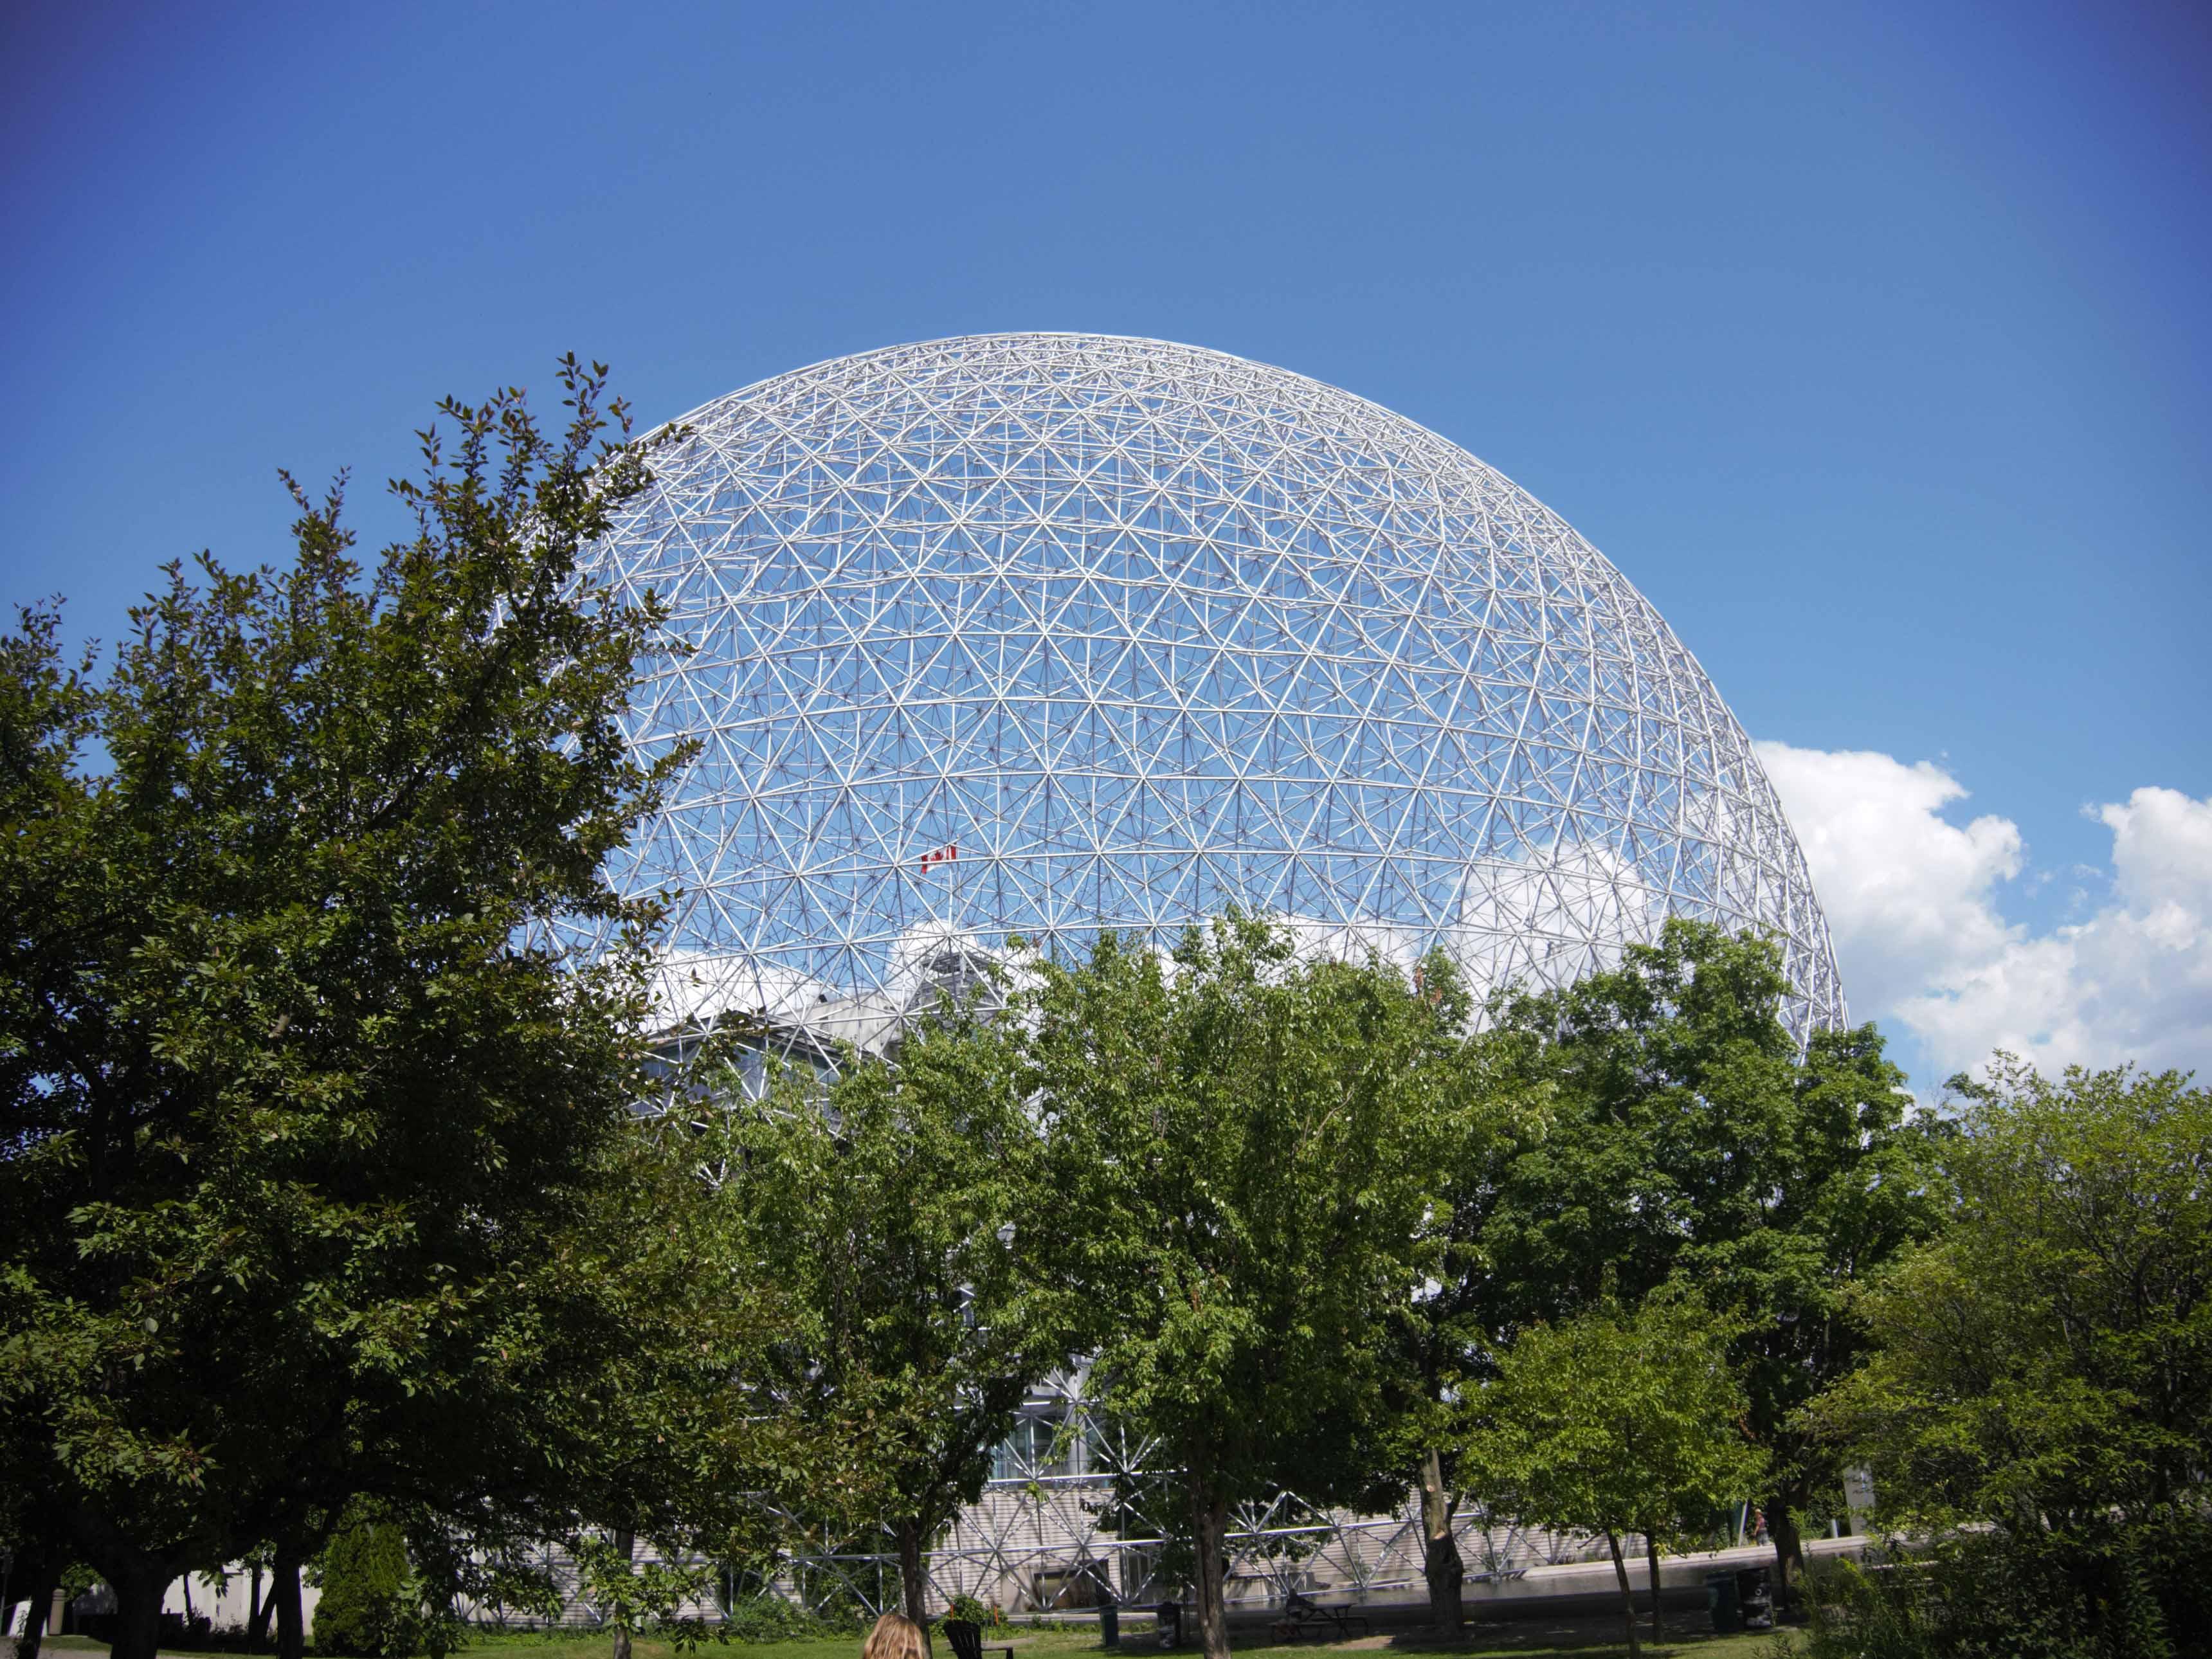 Buckminster Fuller - Radome